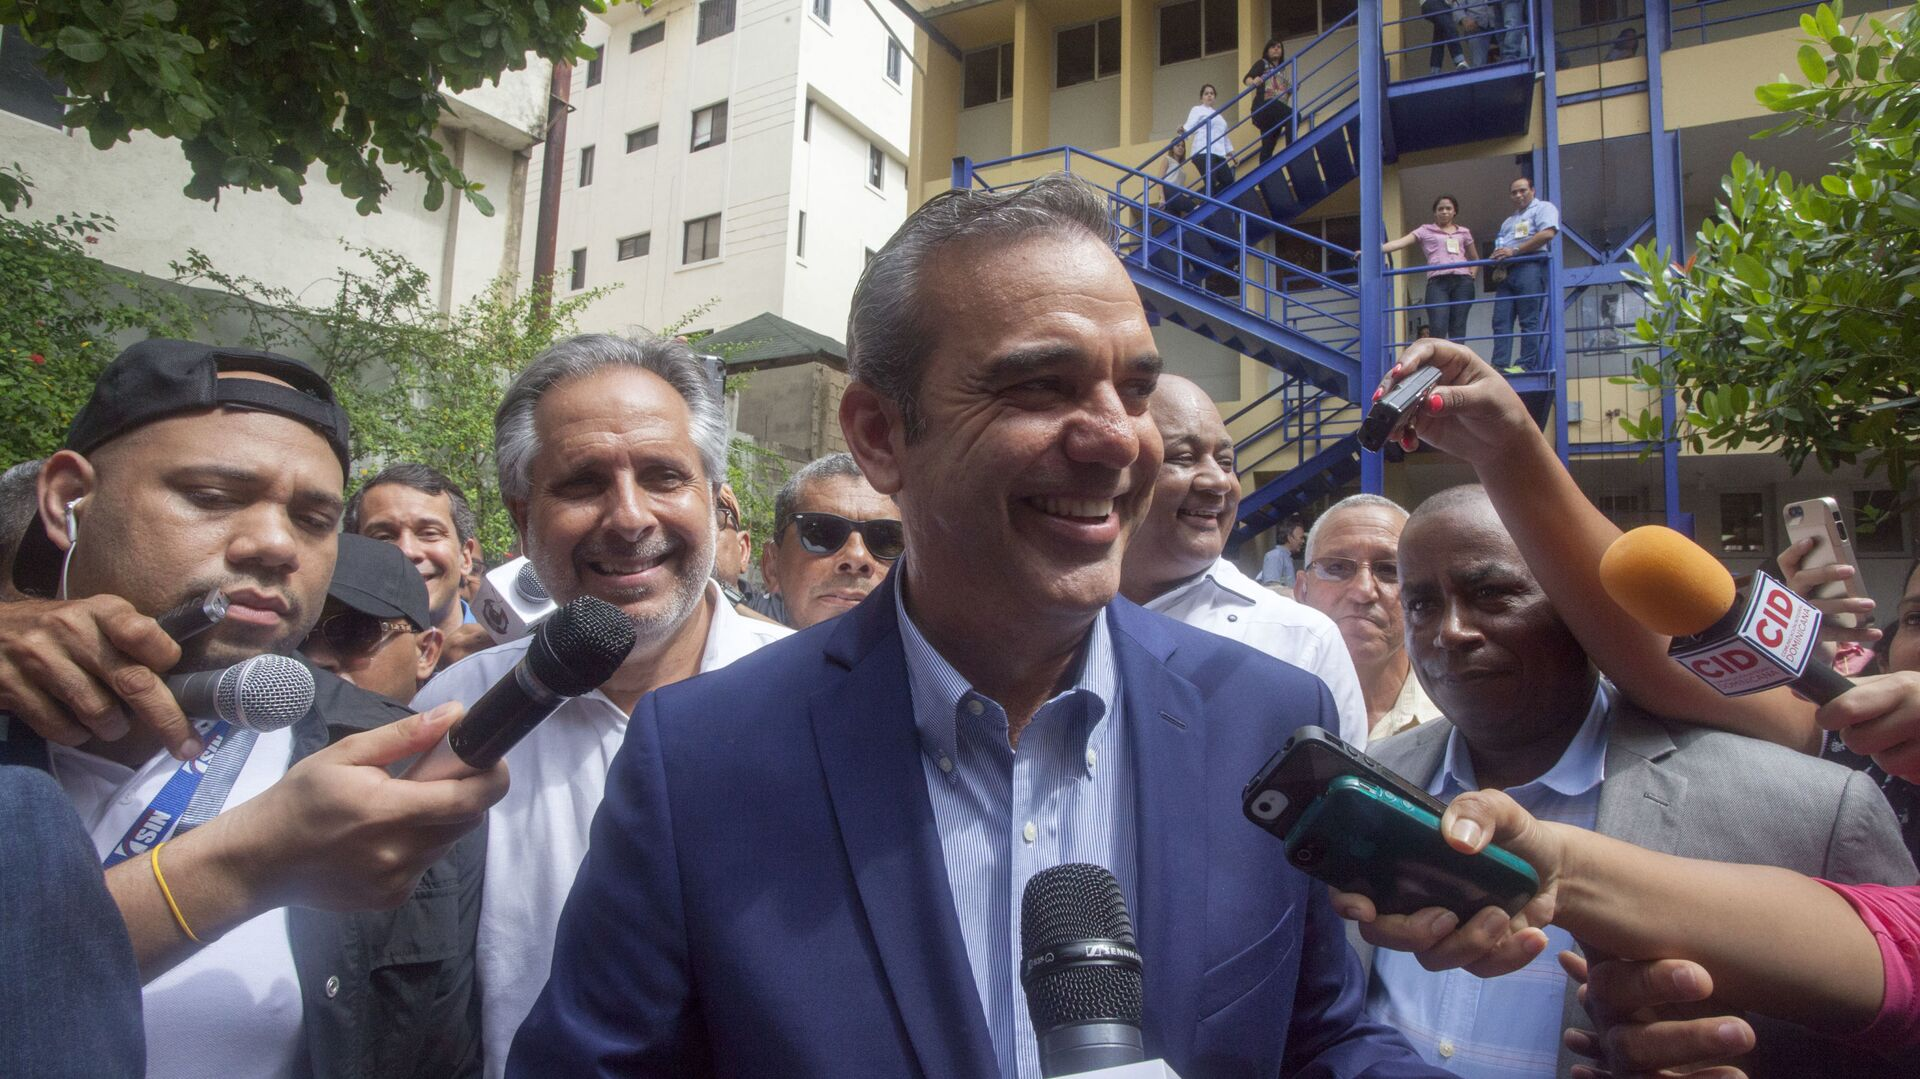 Luis Abinader, candidato a las elecciones presidenciales de República Dominicana - Sputnik Mundo, 1920, 05.10.2021